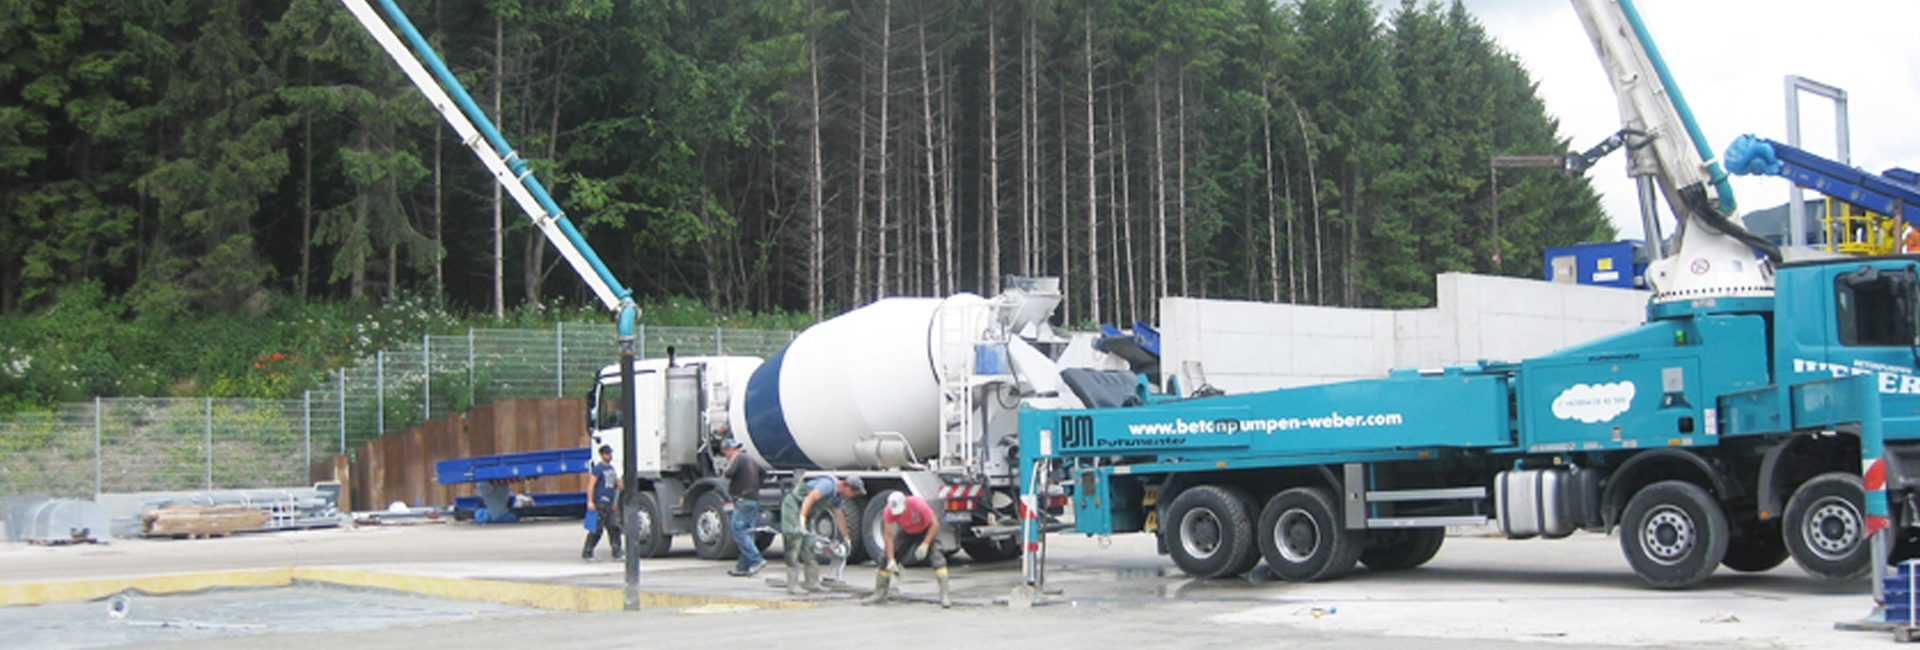 Betonanlieferung für Baustellen